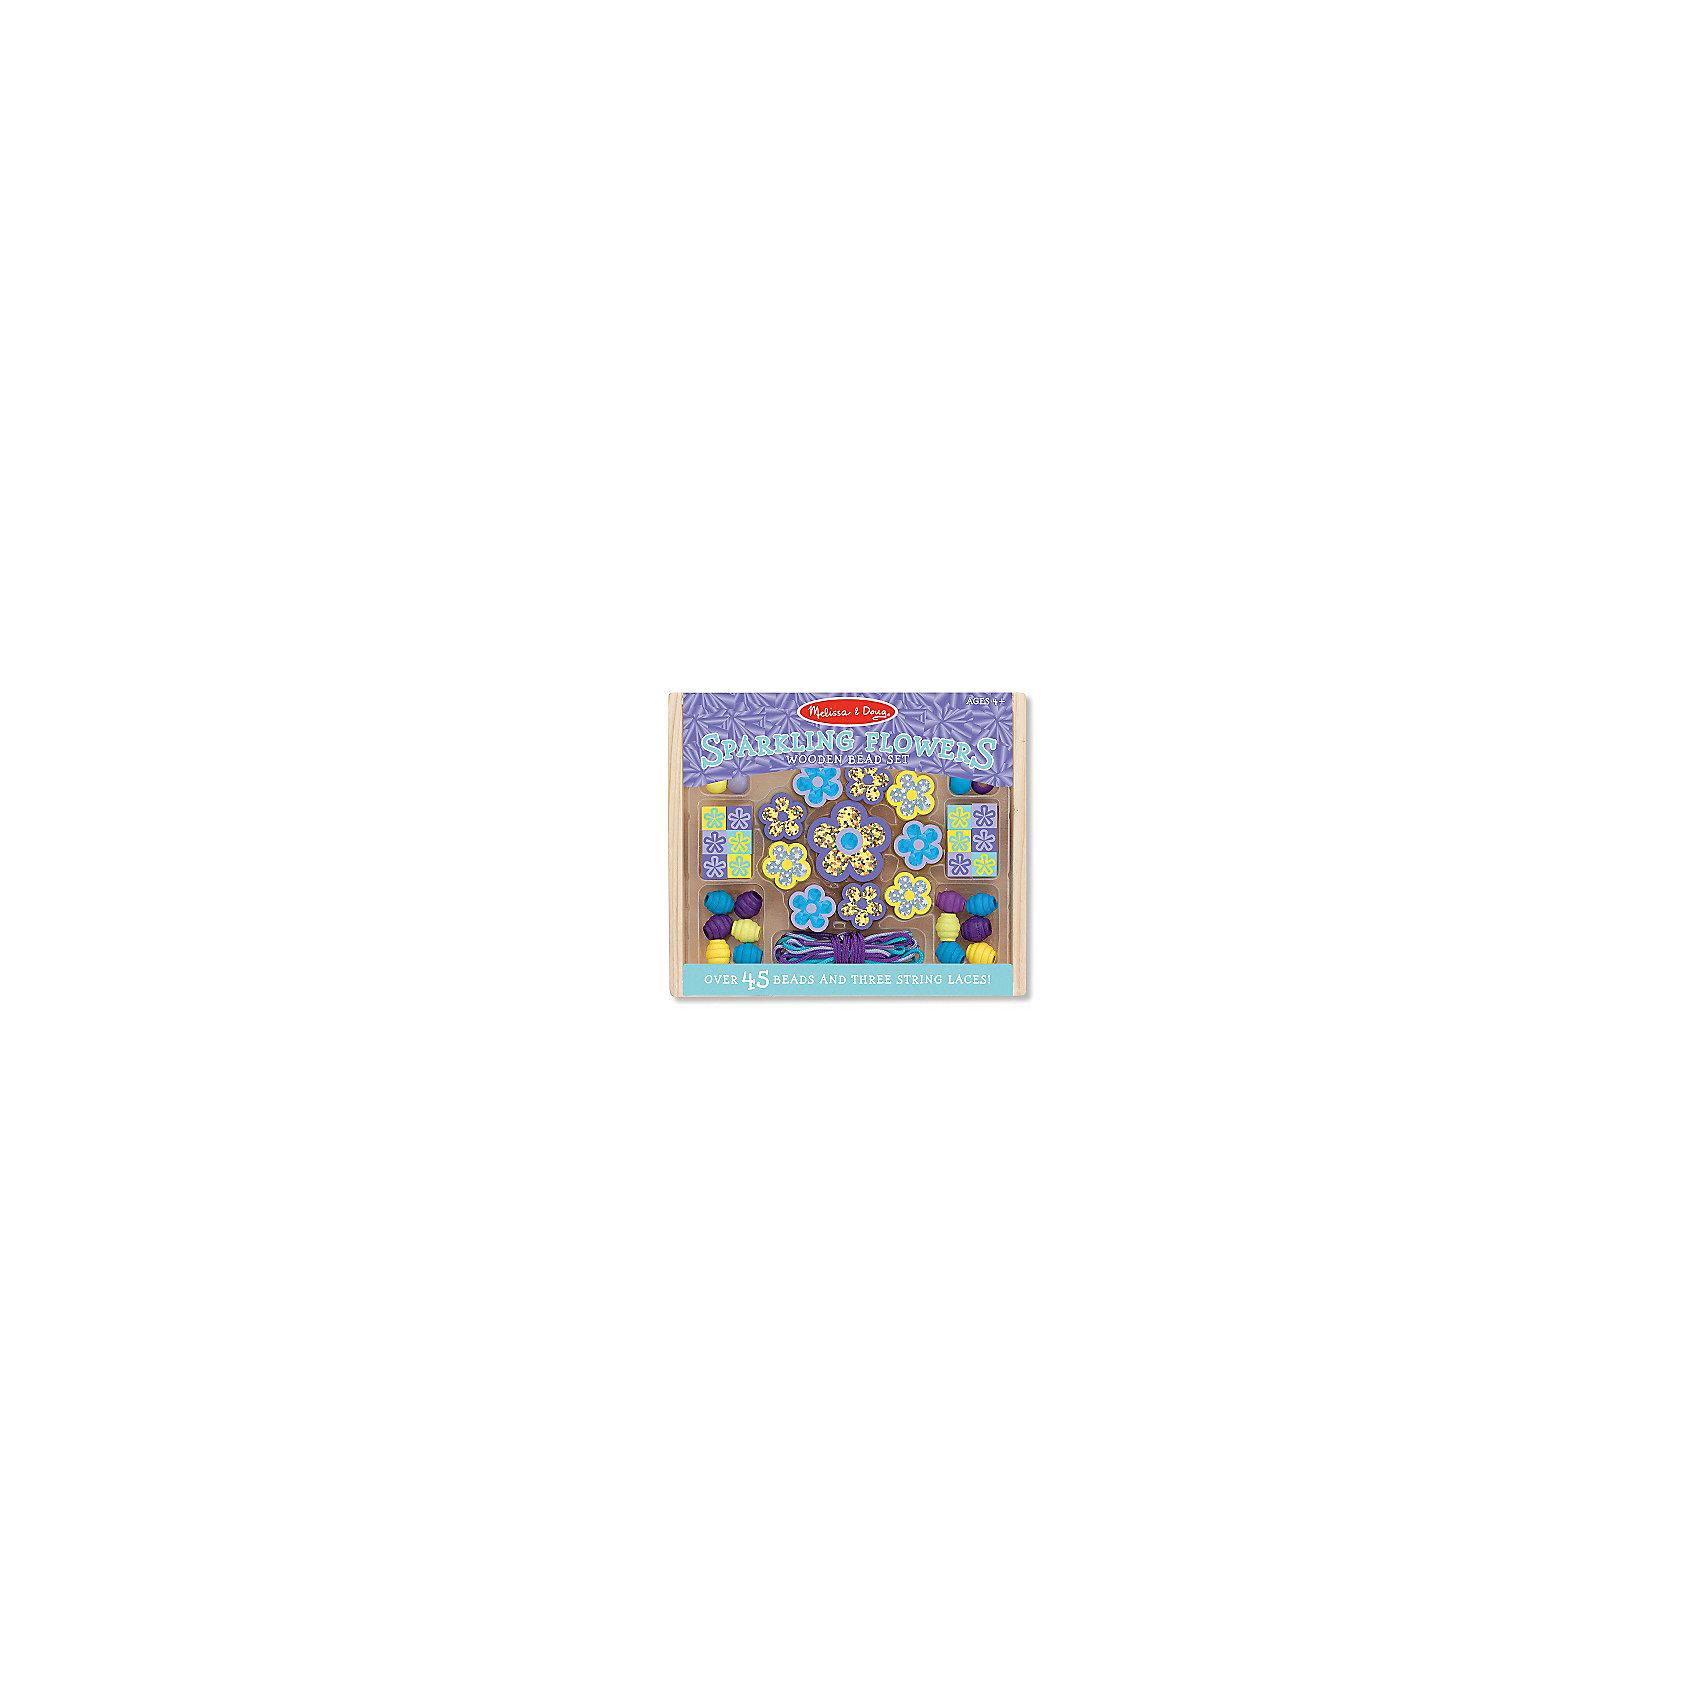 Набор бусин Сияющие цветыРукоделие<br>Для ребенка очень важно творчество - так он развивает свои способности и играет одновременно. Отличный вариант подарка для девочки - этот набор, из которого можно самому сделать красивые украшения! Для этого нужно просто подобрать бусины и нанизать их на шнурки, идущие в комплекте. Получаются очень красивые бусы или браслеты, которые можно носить!<br>Делая украшение, ребенок будет развивать воображение и мелкую моторику, также дети учатся подбирать цвета и развивают художественные навыки. Этот набор произведен из качественных и безопасных для детей материалов.<br><br>Дополнительная информация:<br><br>материал: дерево;<br>цвет: разноцветный;<br>комплектация: 3 шнурка, 45 разных бусин.<br><br>Набор бусин Сияющие цветы от бренда Melissa&amp;Doug можно купить в нашем магазине.<br><br>Ширина мм: 150<br>Глубина мм: 20<br>Высота мм: 130<br>Вес г: 91<br>Возраст от месяцев: 48<br>Возраст до месяцев: 144<br>Пол: Женский<br>Возраст: Детский<br>SKU: 4993721